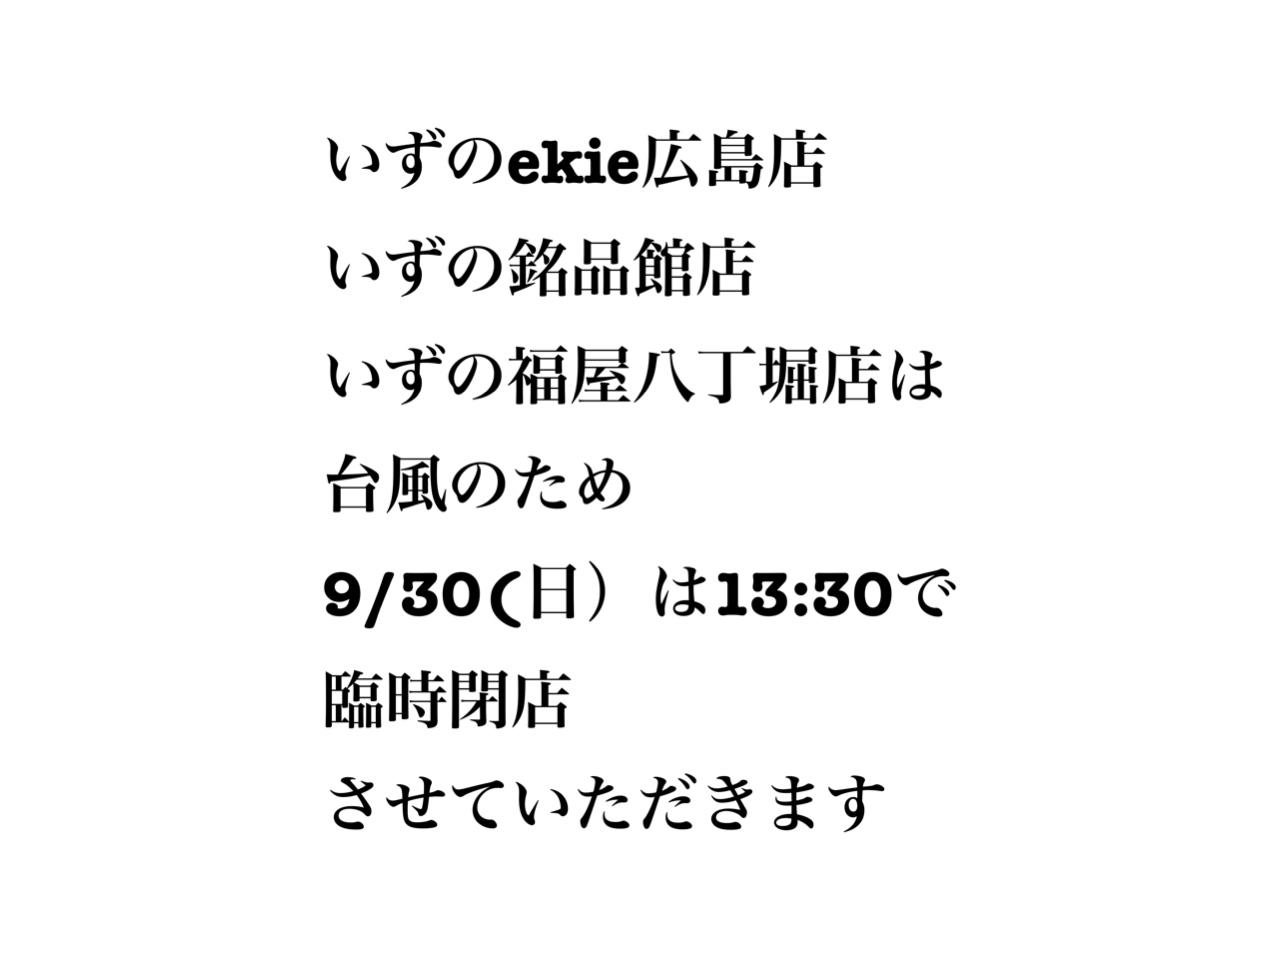 9/30(日)直営店営業時間変更のお知らせ